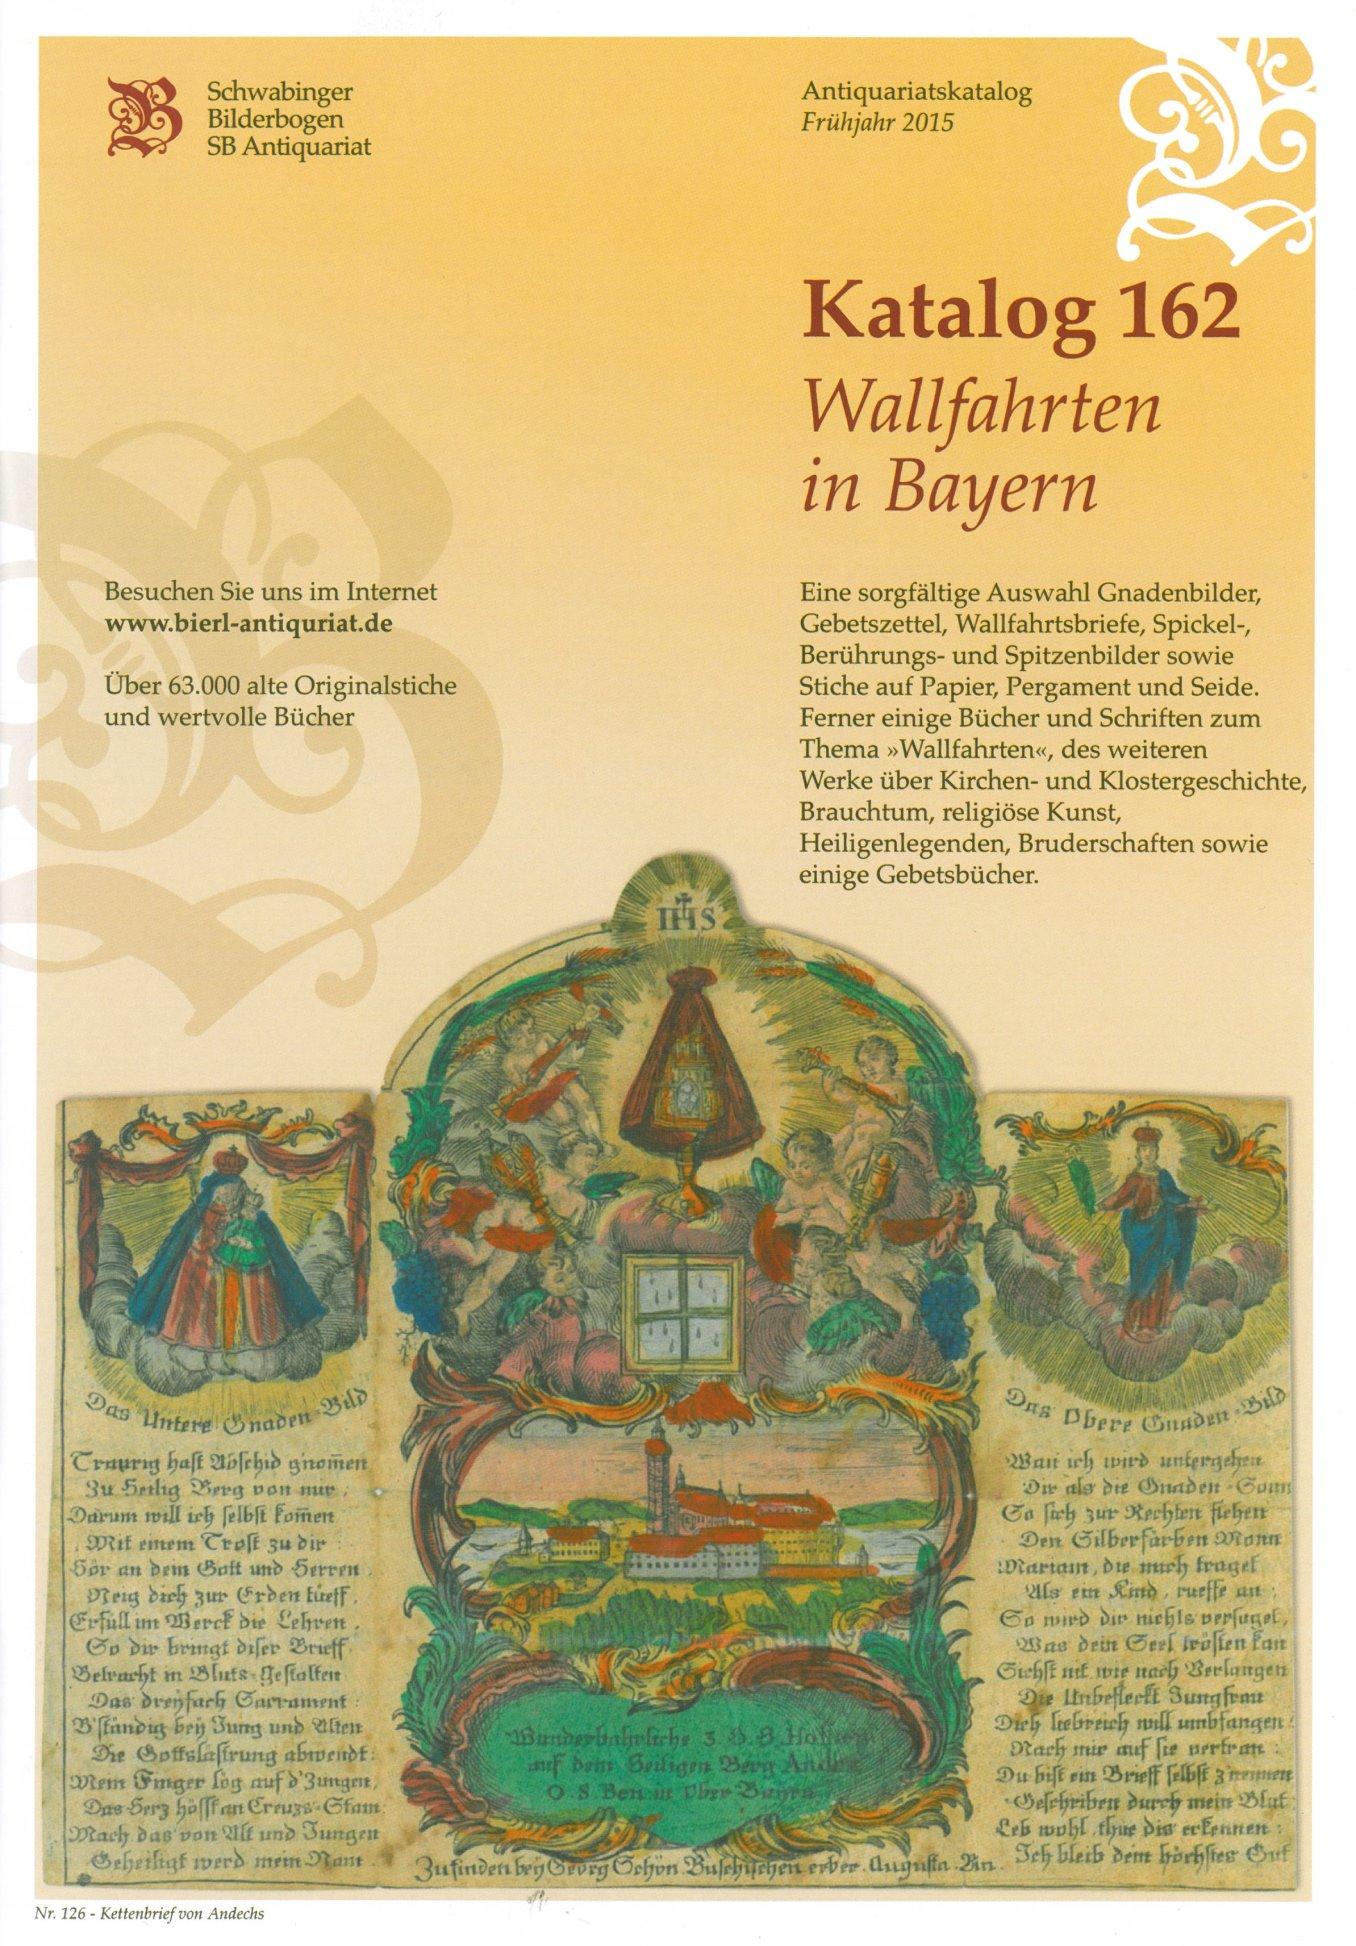 Katalog 162